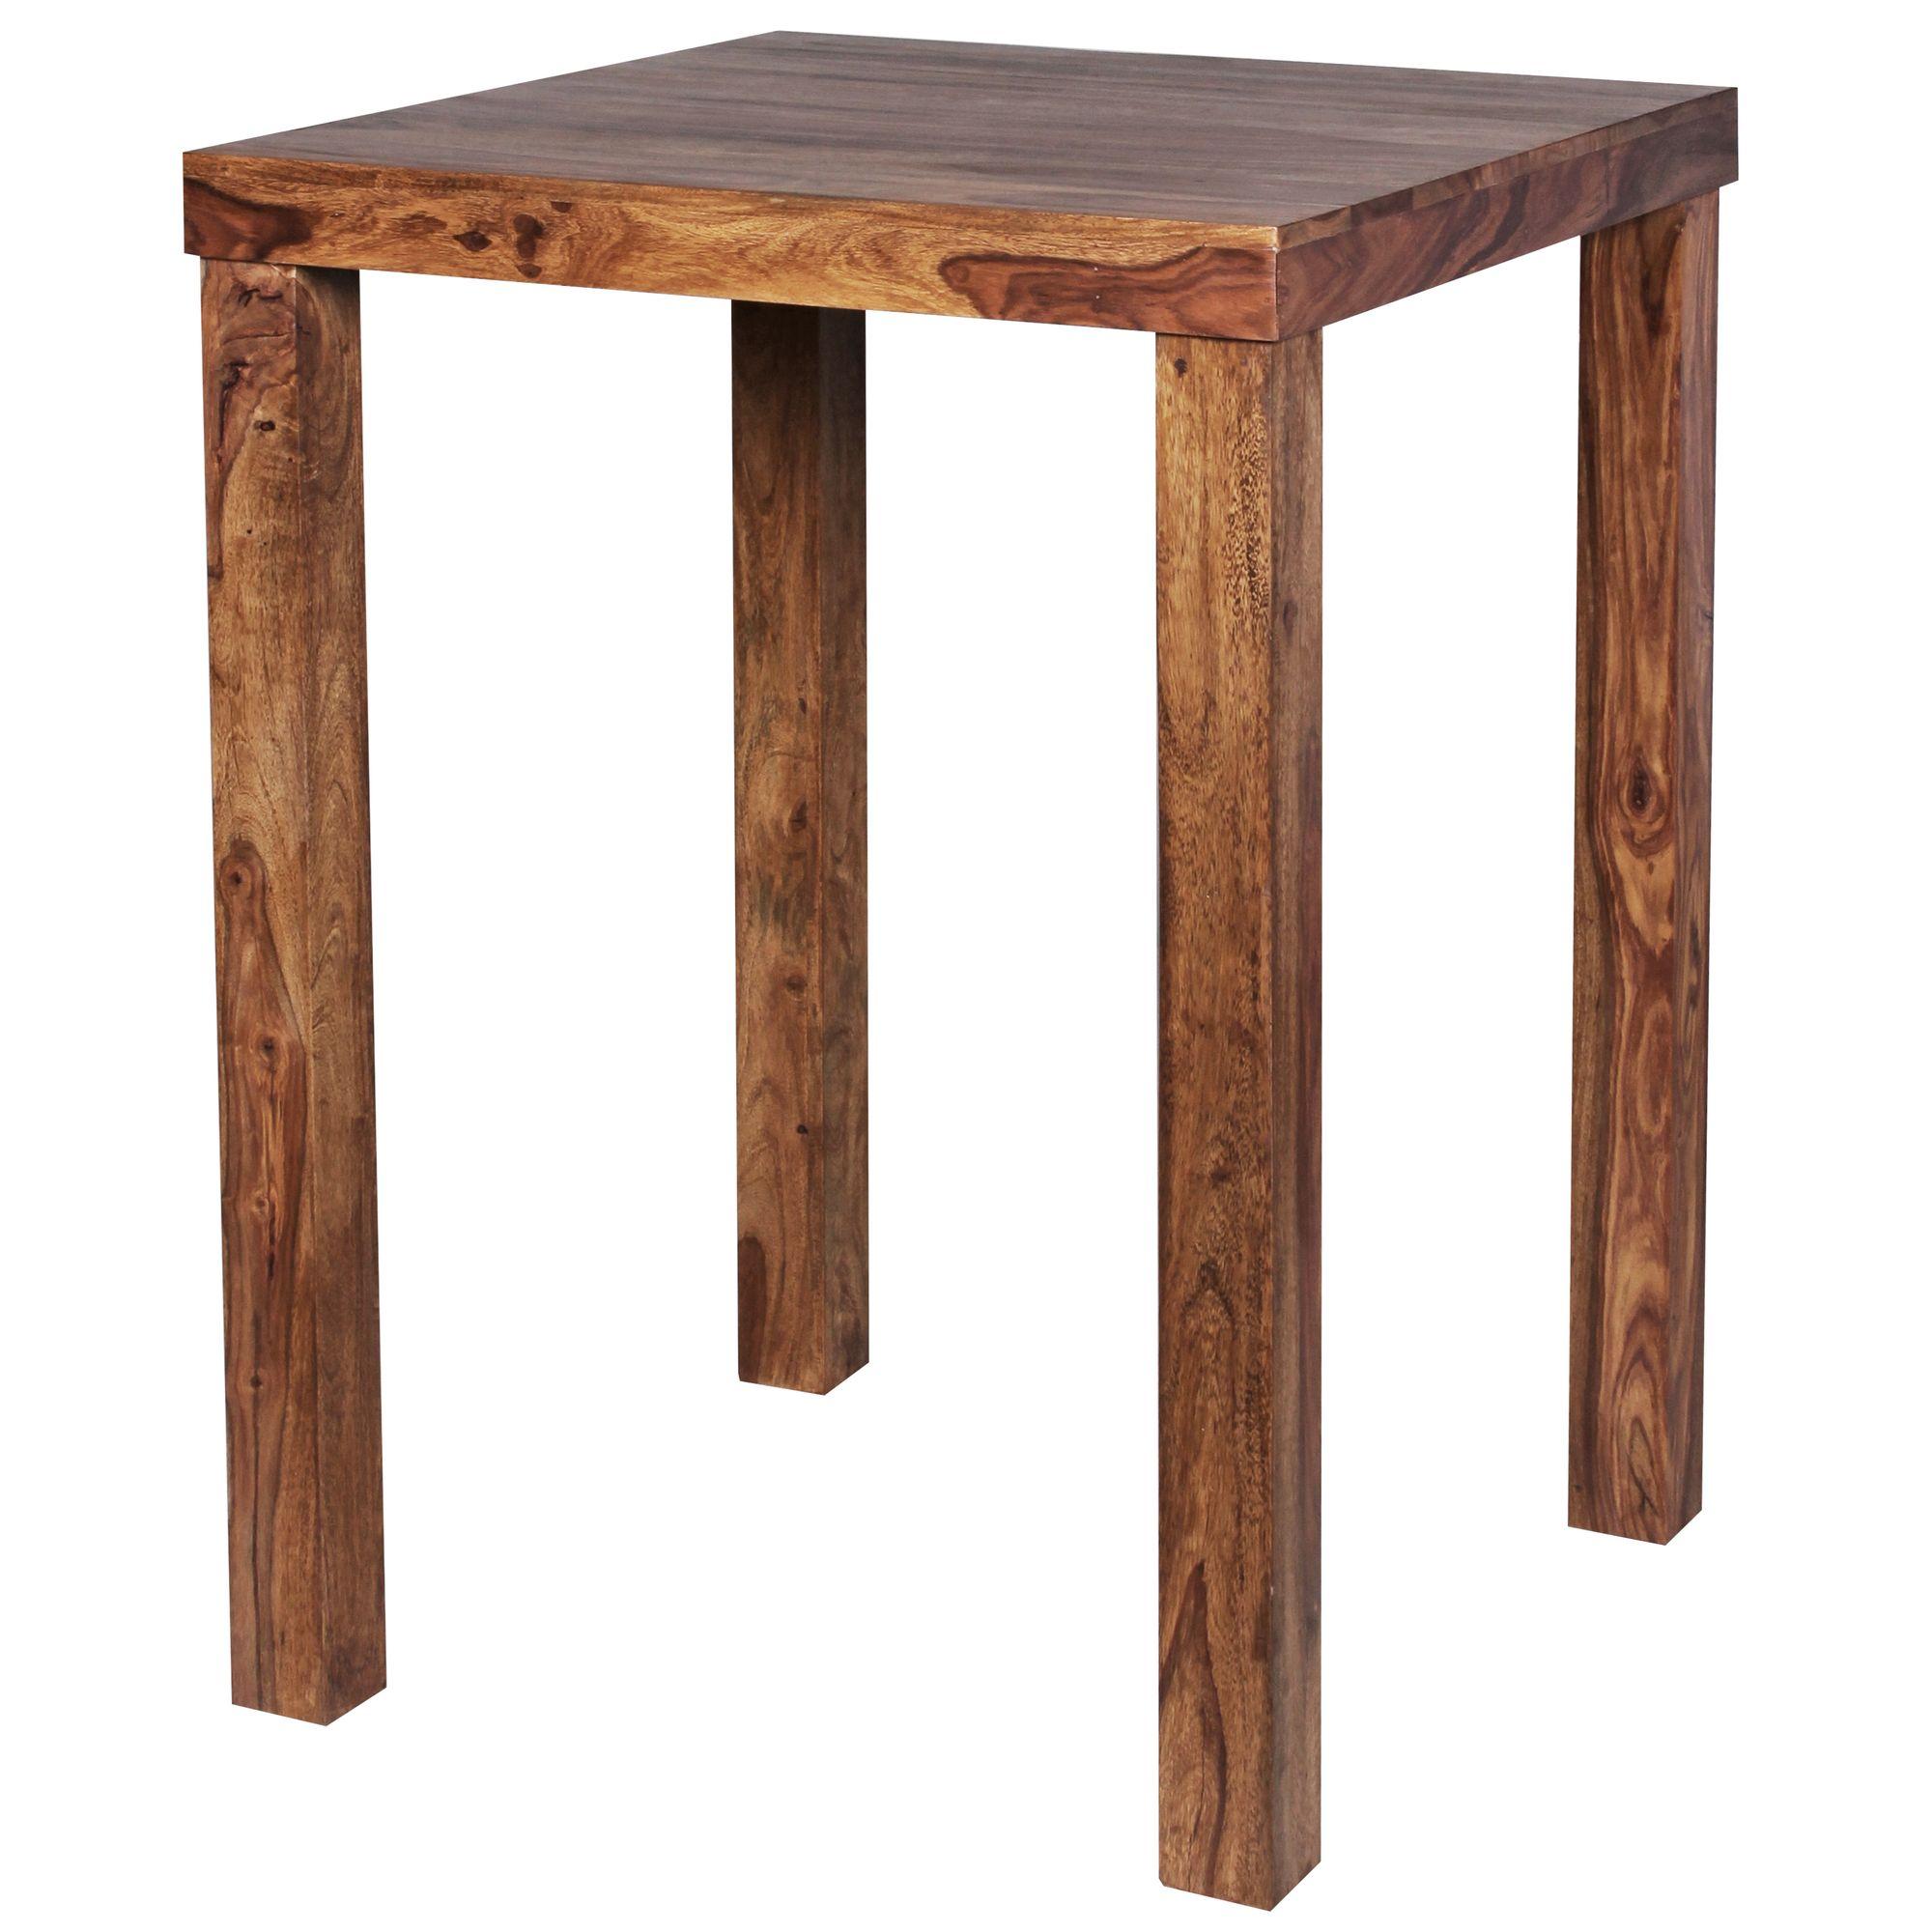 Stehtisch Aus Holzstamm.Wohnling Stehtisch Mumbai Massiv Holz Sheesham Bartisch Bistrotisch 80 X 80cm Tisch Neu